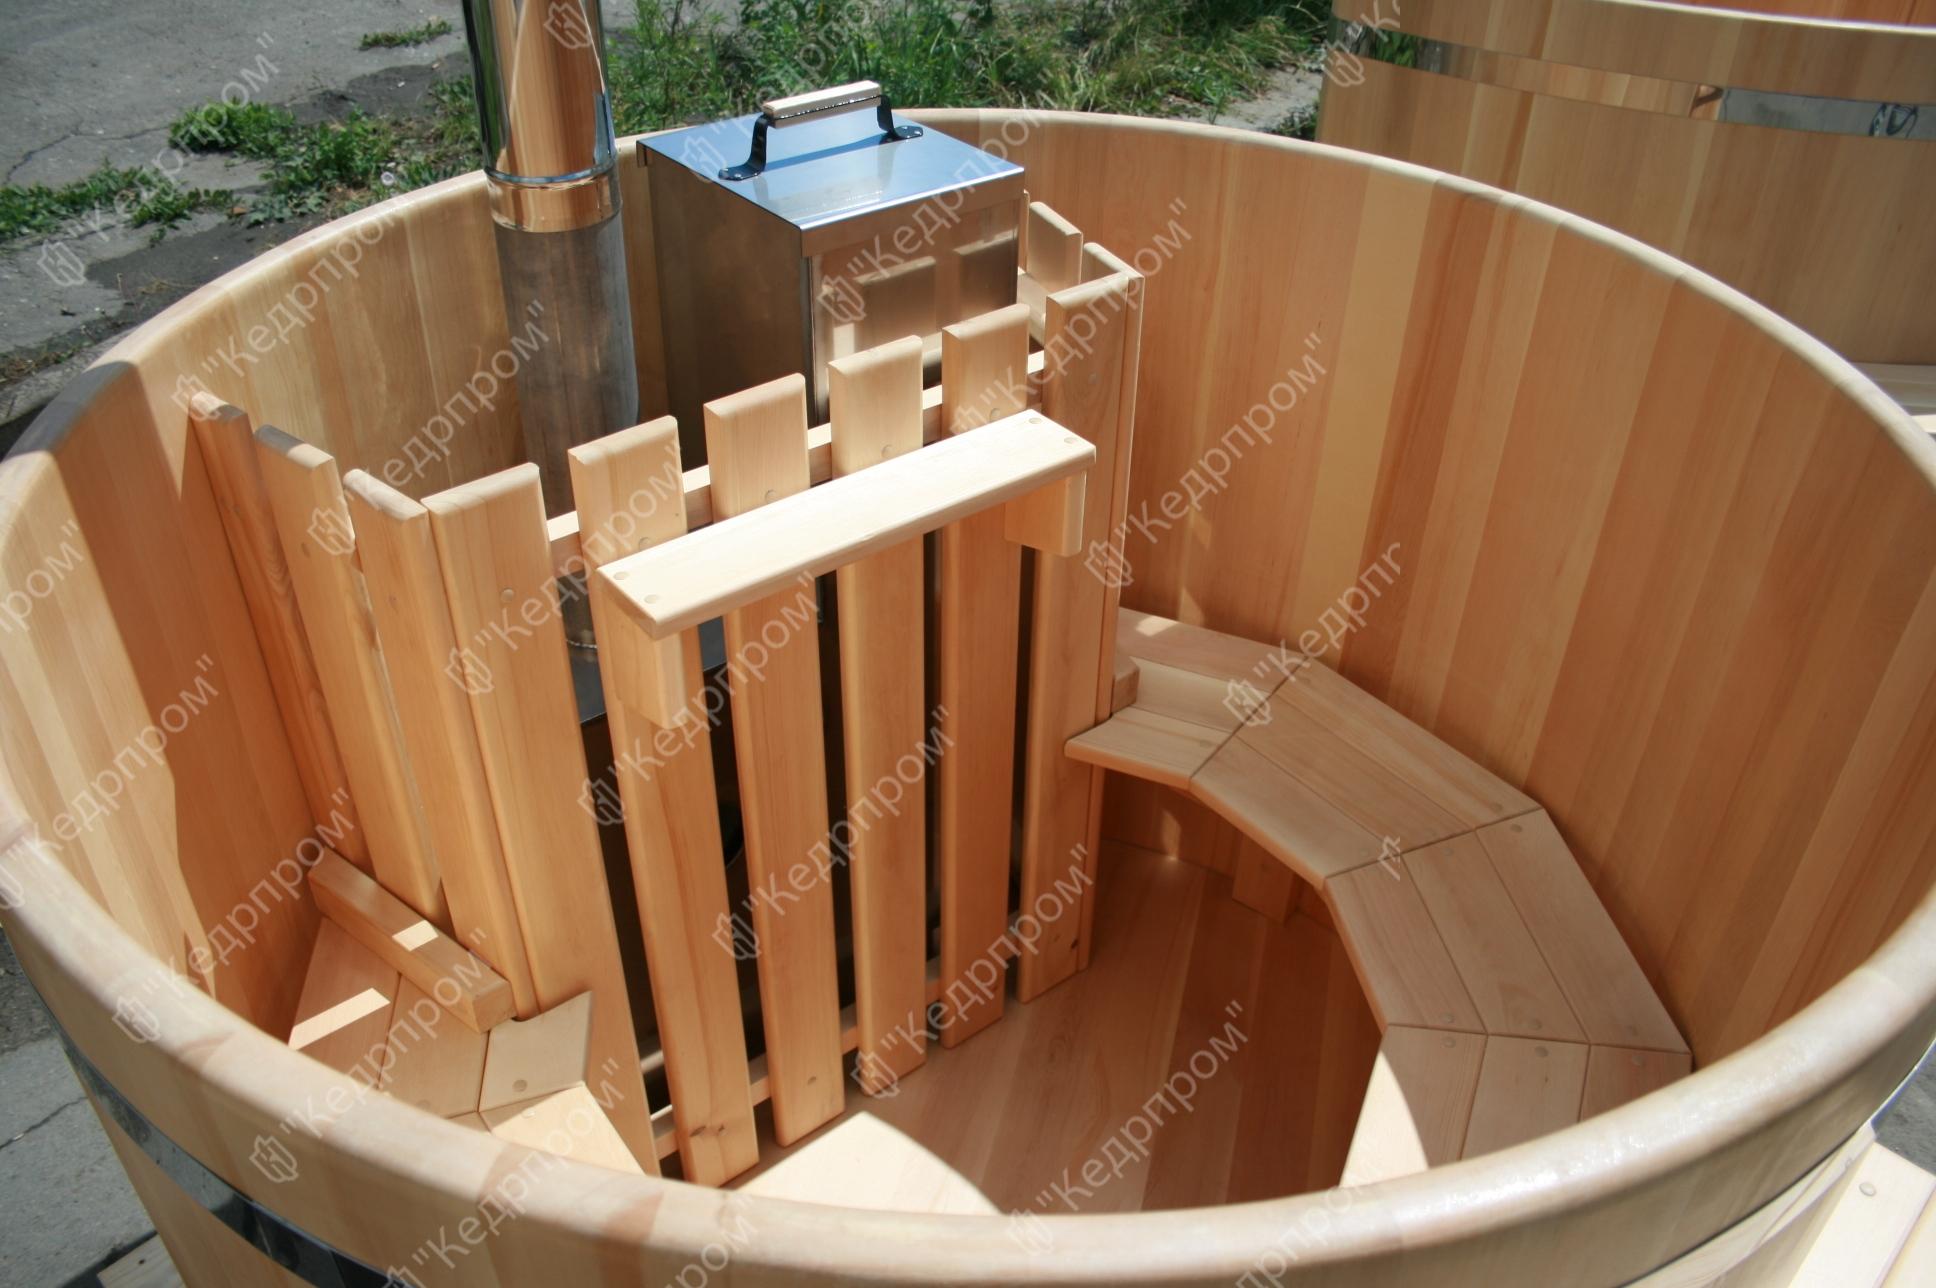 Сделай сам уличную купель с дровяной печкой: детали, конструктив, смета